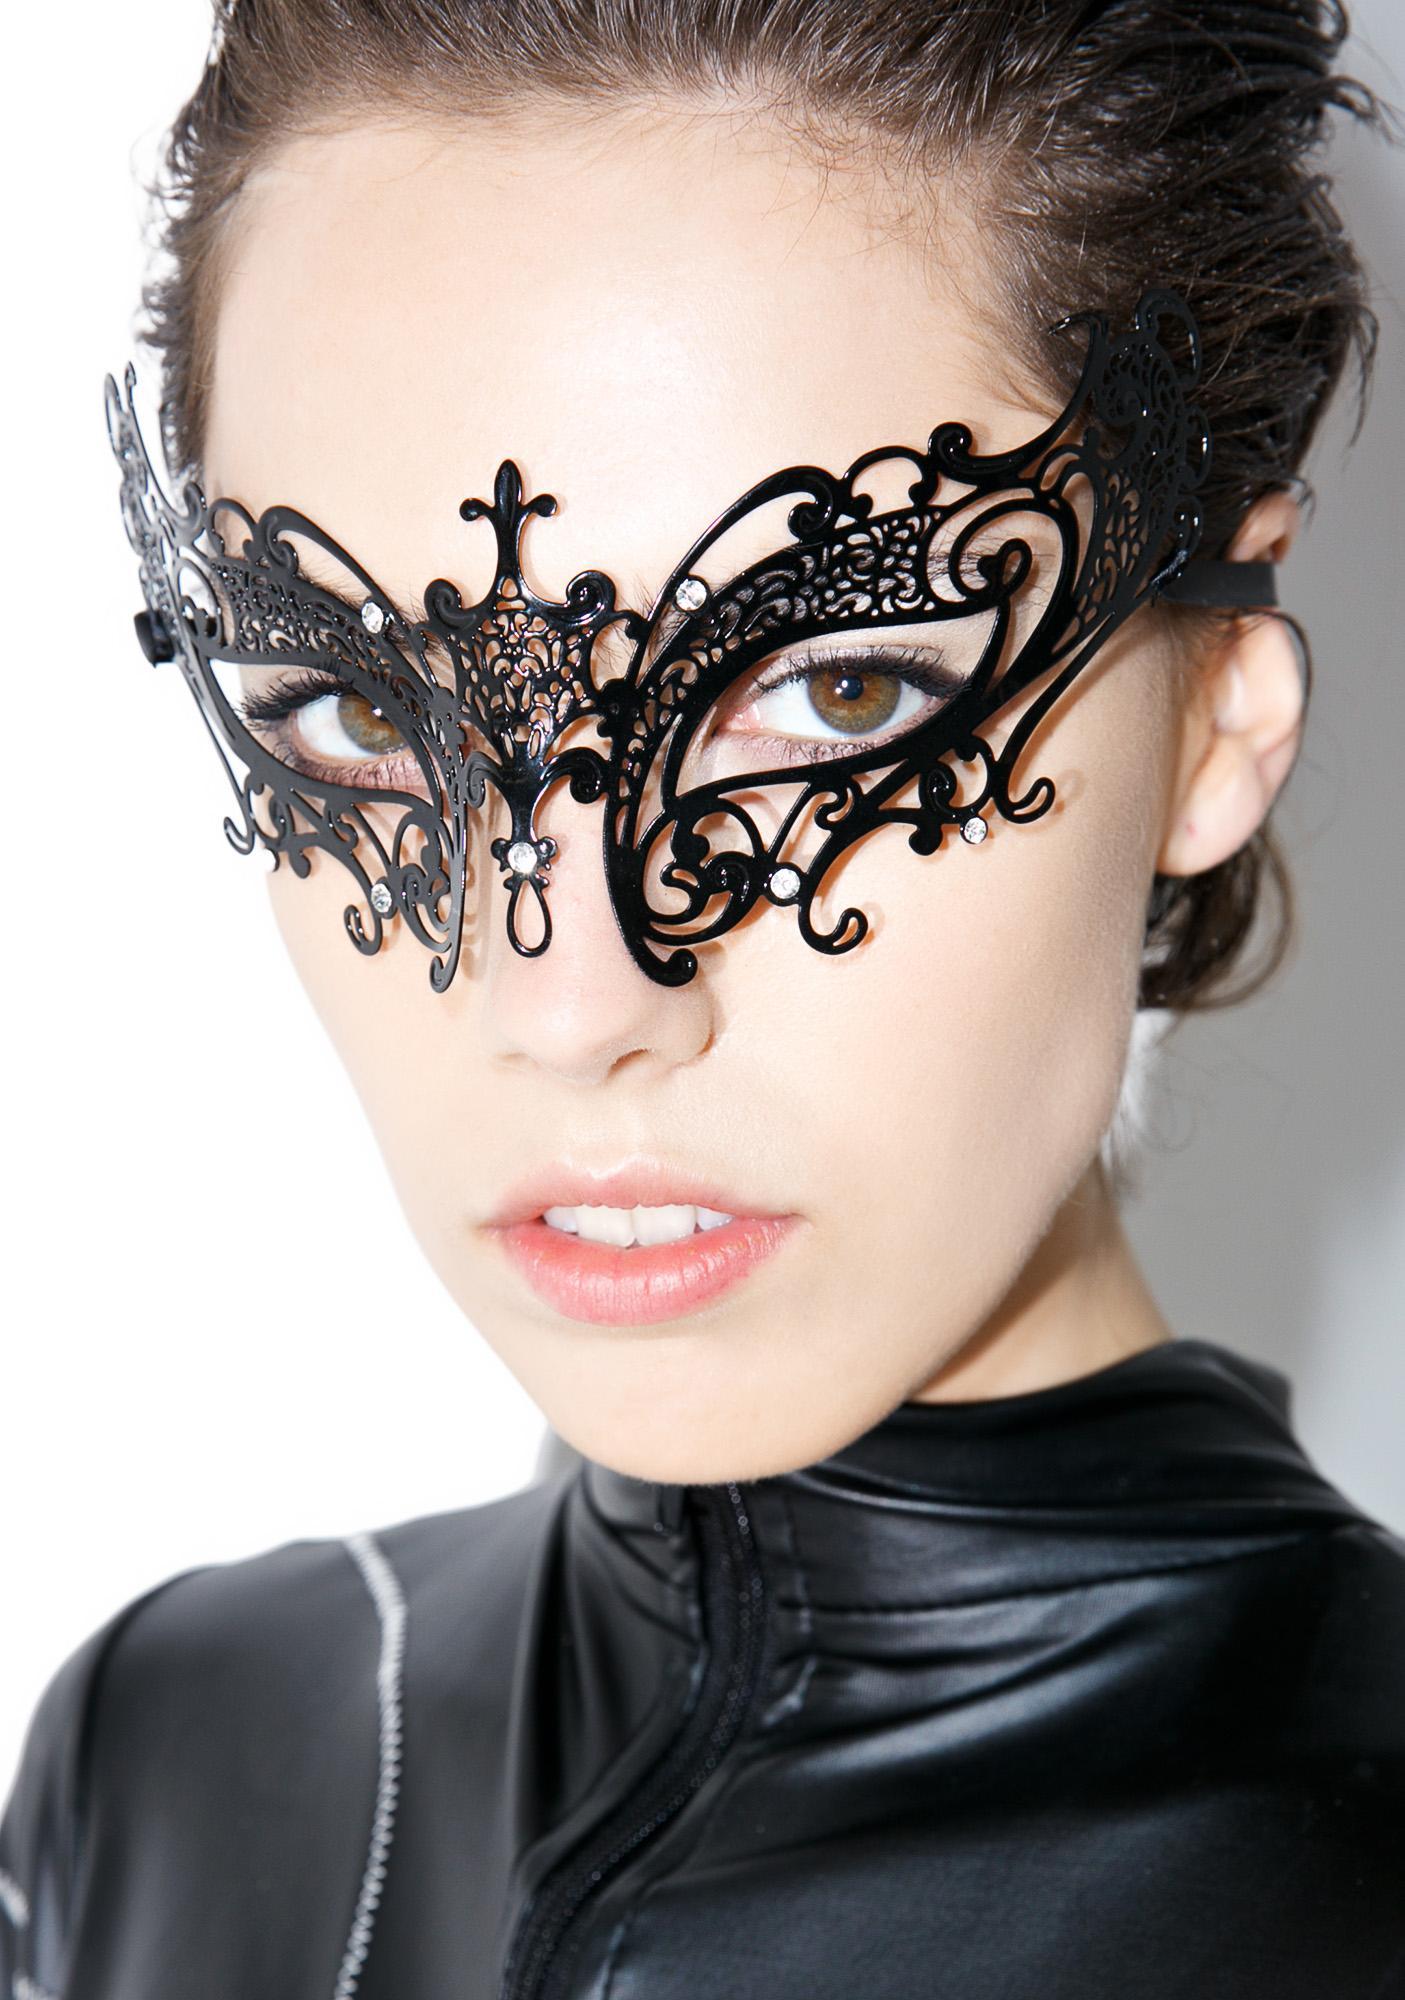 Duchess Of Night Masquerade Mask